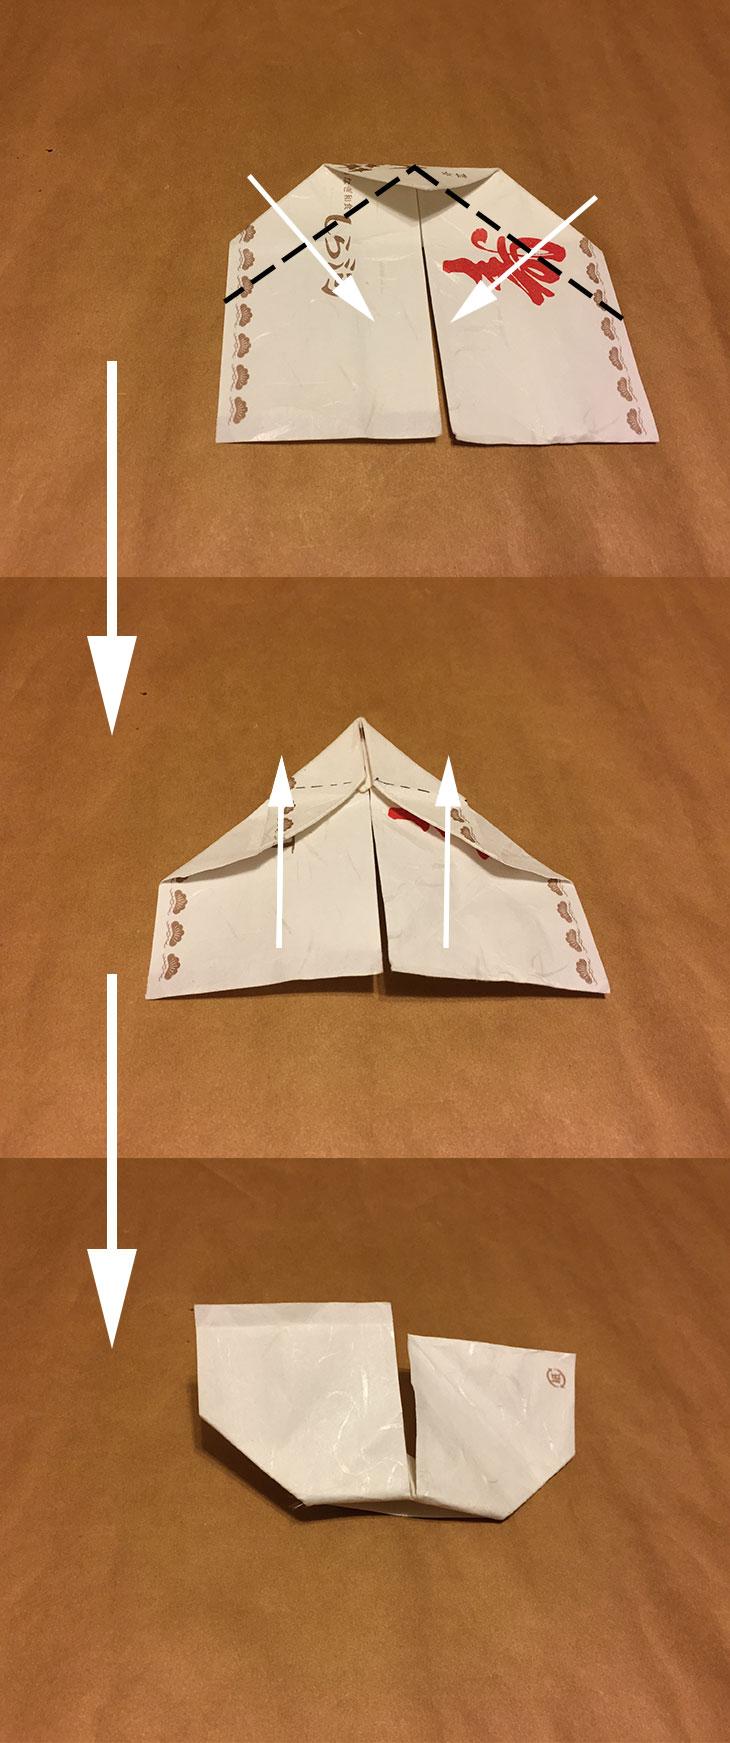 箸袋を兜の形に近づける折り方を説明している写真